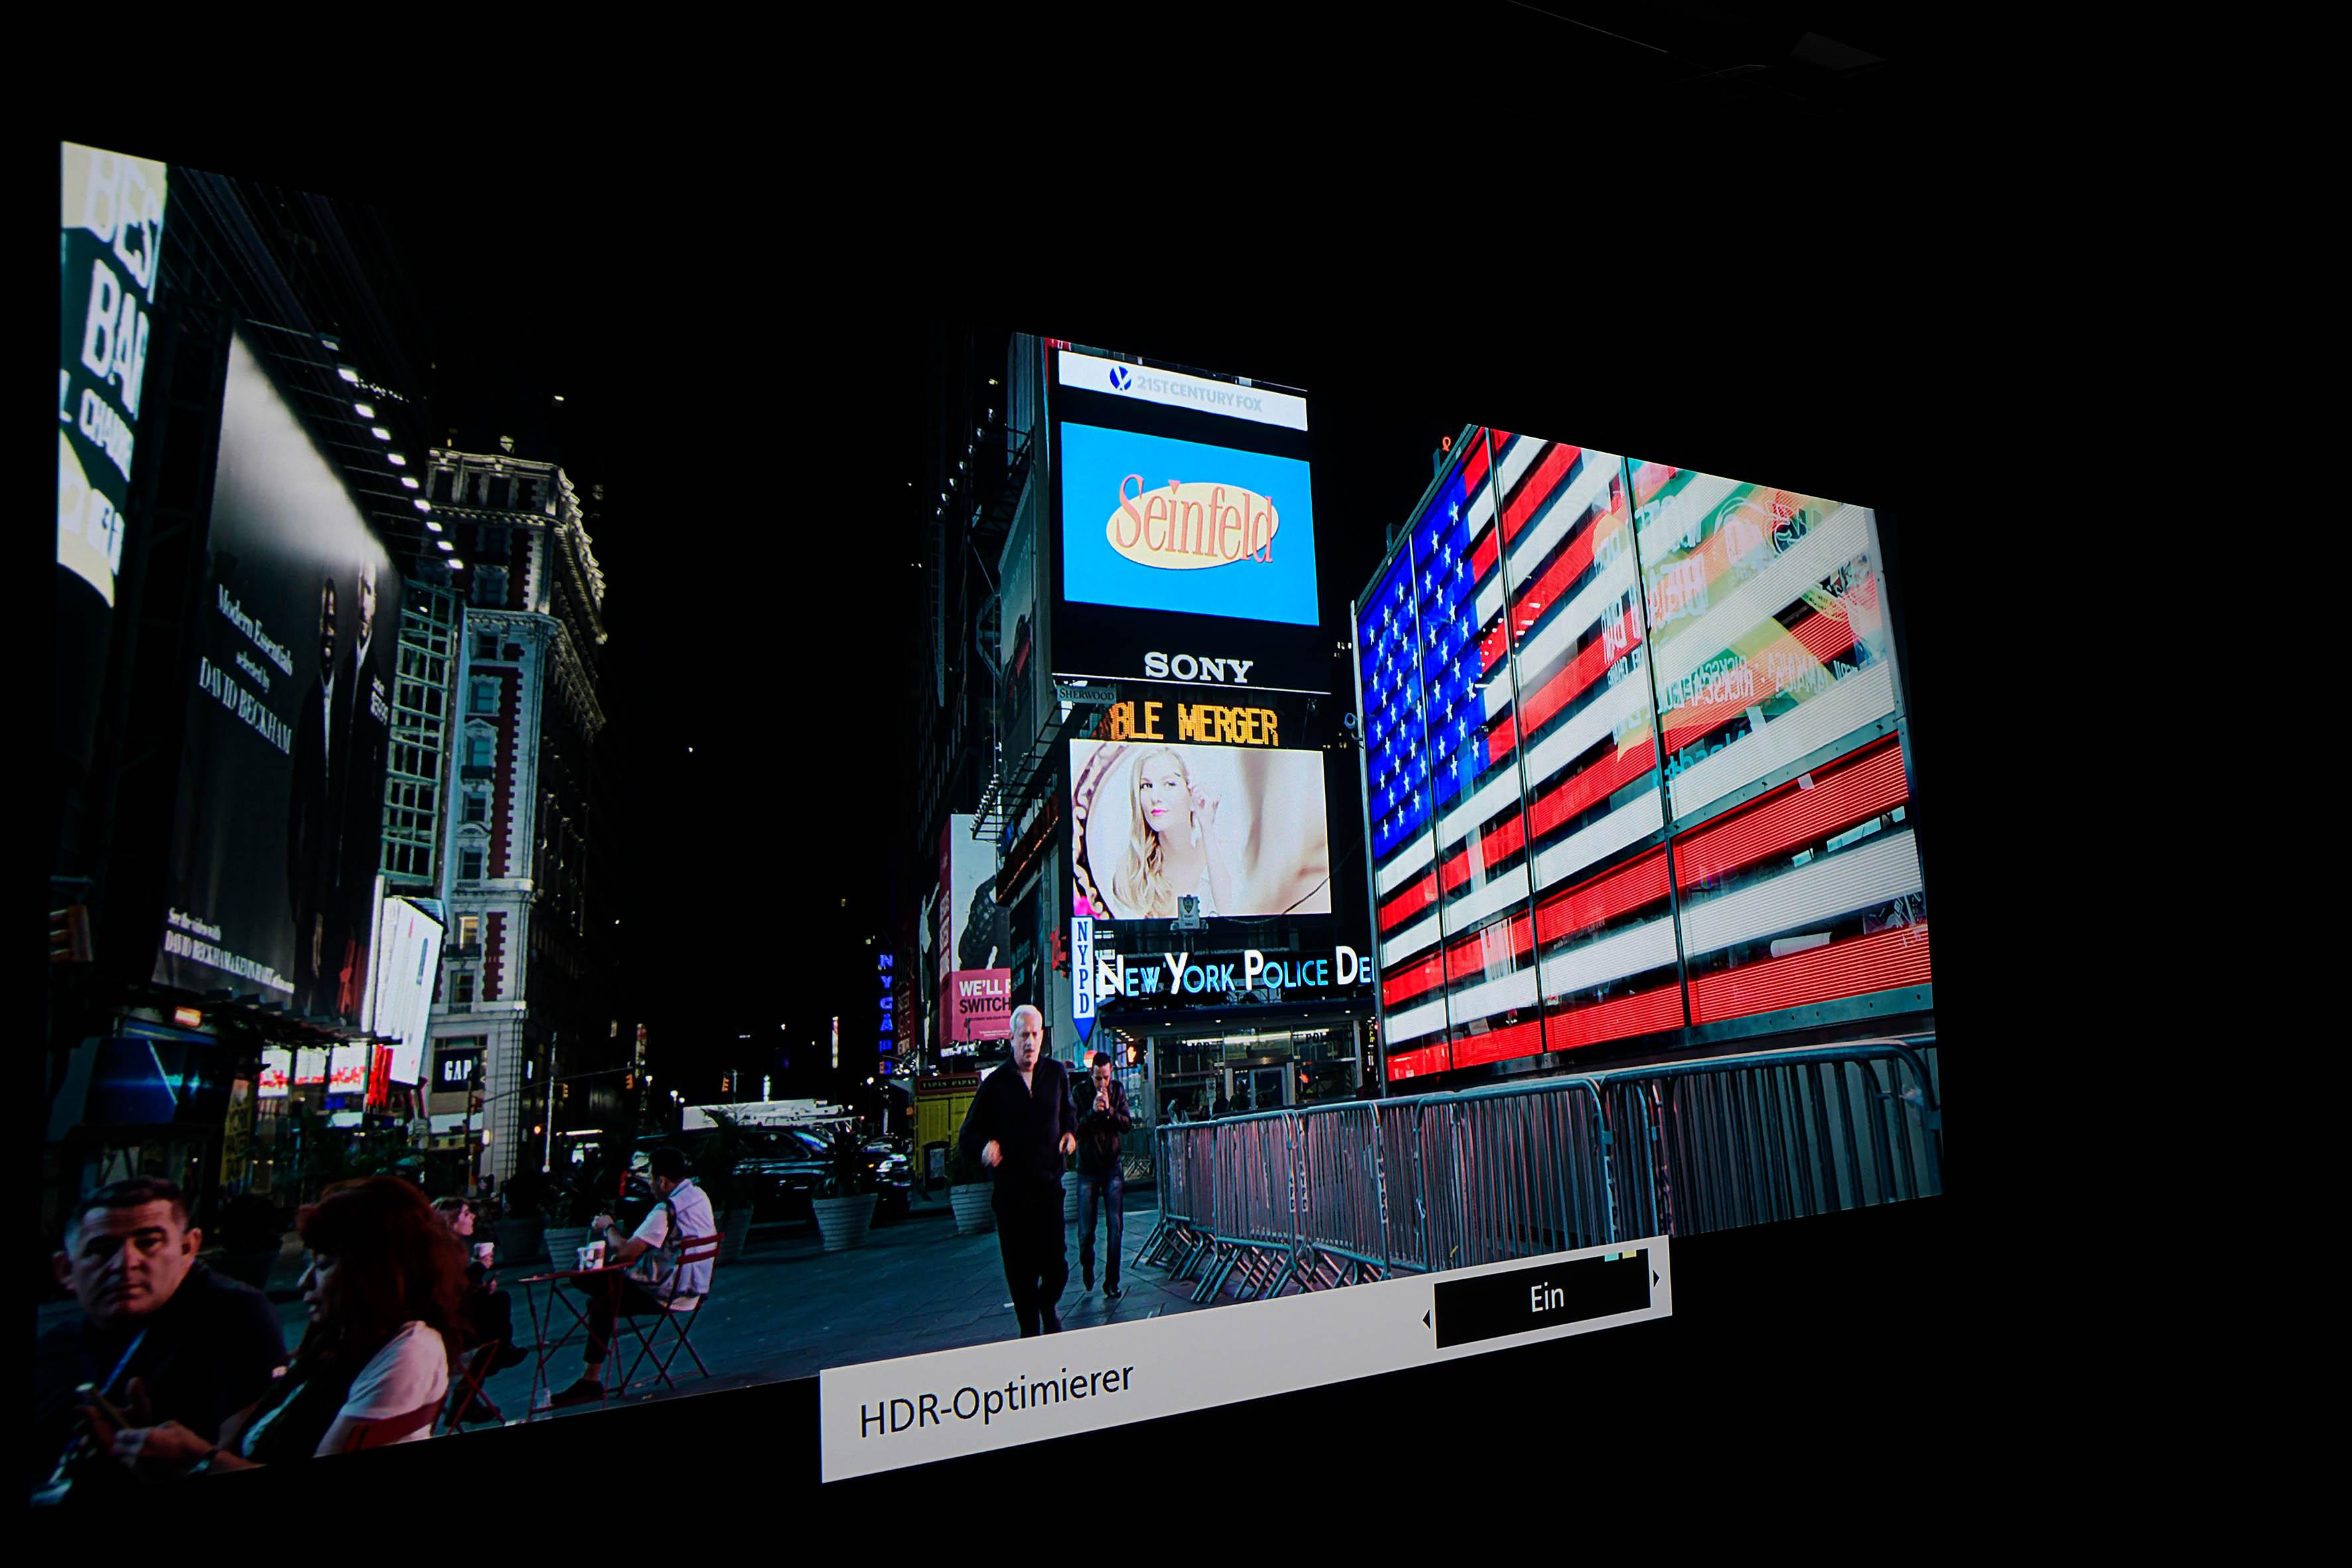 HDR – SULLY mit eingeschaltetem HDR Optimierer Auf den ersten Blick sind die Unterschiede beträchtlich. Die Frau hinter Sully auf dem Display zum Beispiel, sie ist klar und deutlich abgebildet inklusive allem Drumherum. Das Rot der US-Flagge leuchtet erheblich heller und mit noch satteren Farben. Das ist ein weiterer großer Vorteil von HDR, der meines Erachtens bislang viel zu wenig Bedeutung bekommt. Sogar das Blau profitiert von der massiv höheren Lichtausbeute, die HDR in diesem Film ermöglicht.